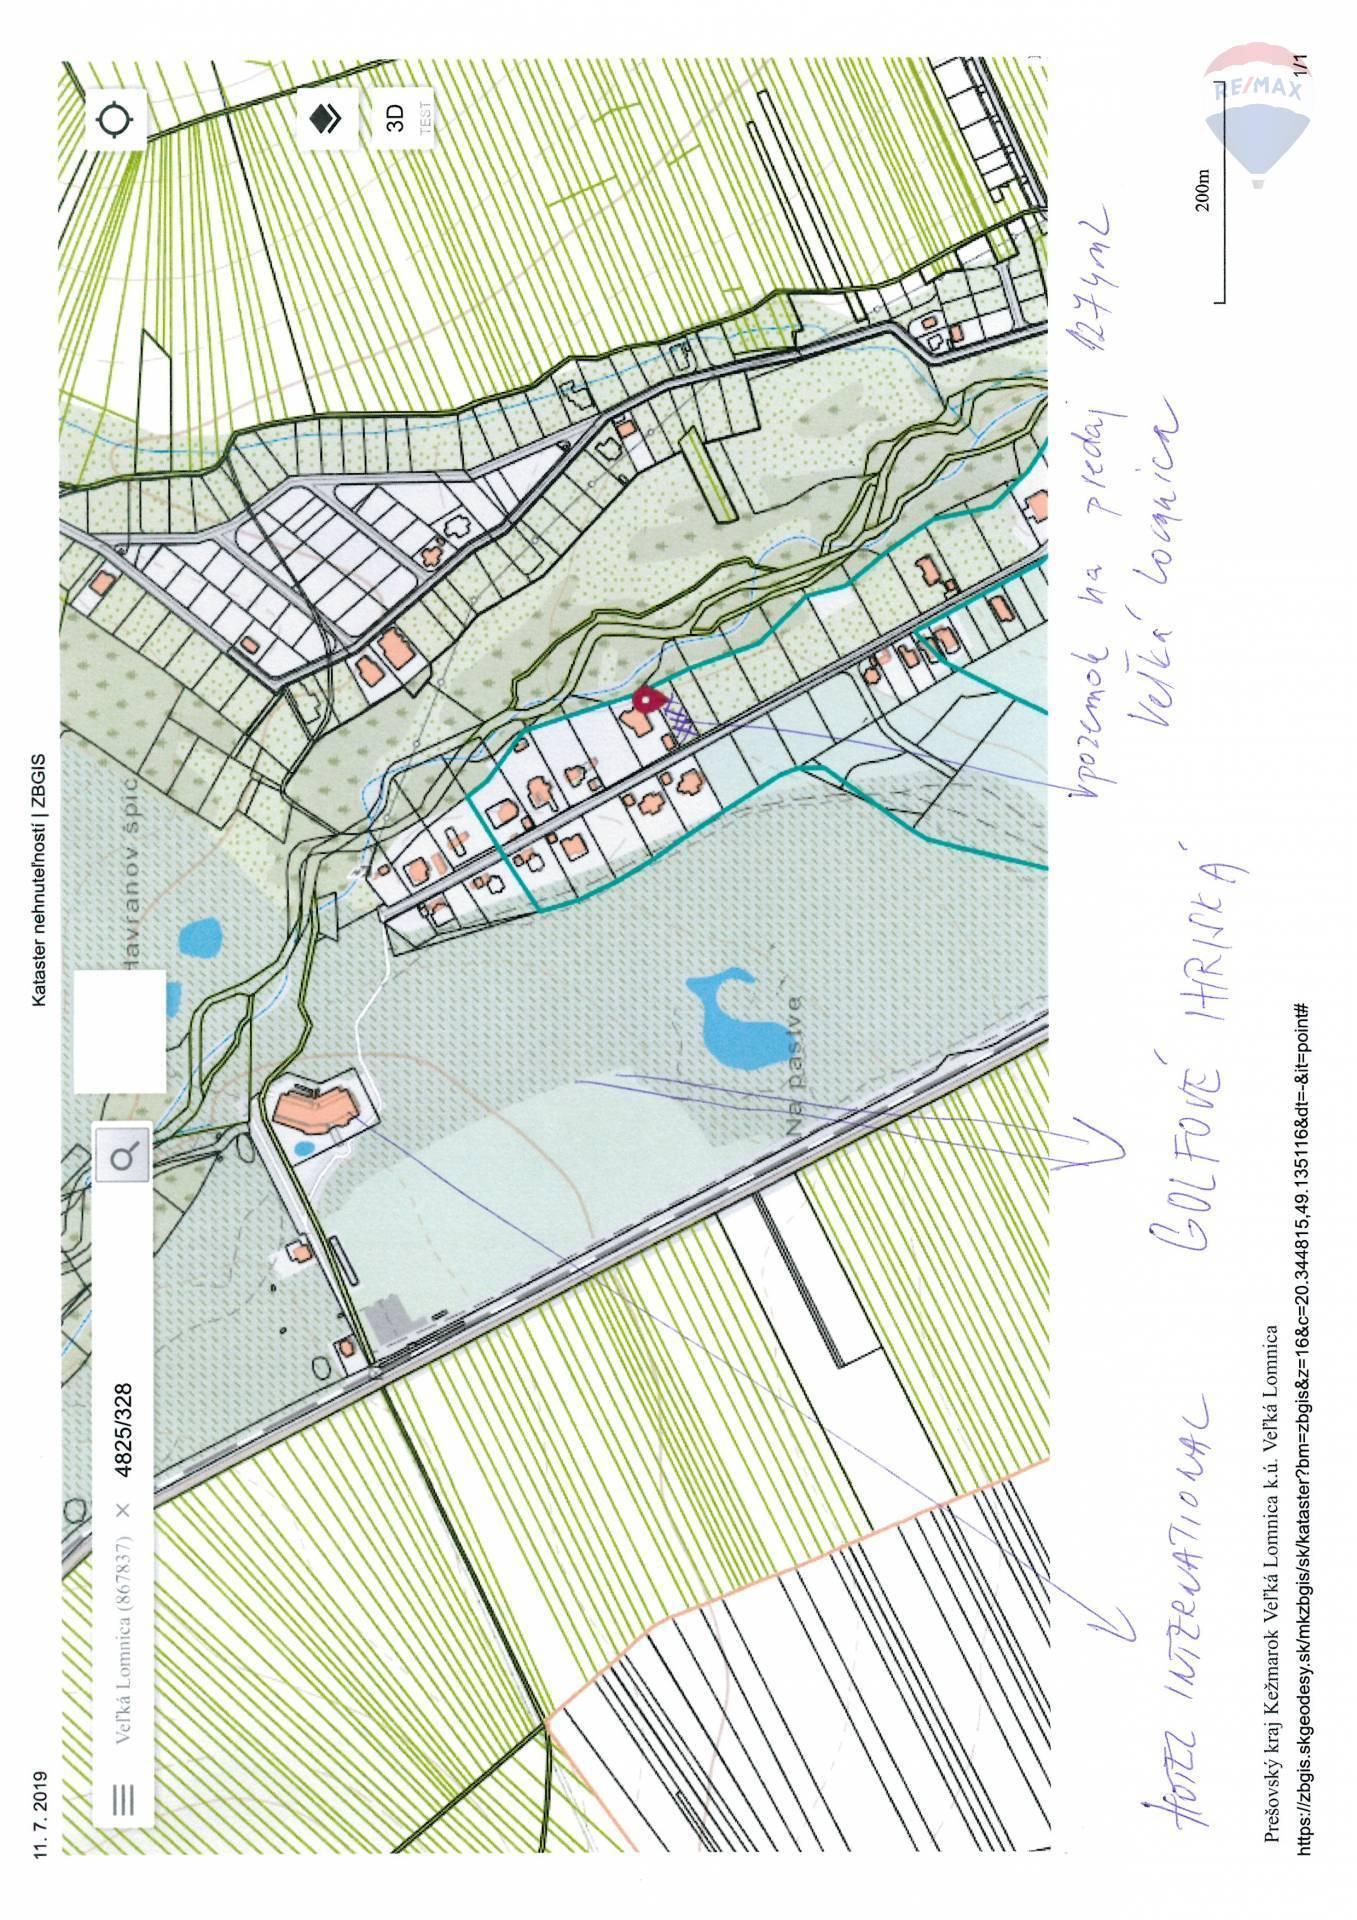 Predaj pozemku 1274 m2, Veľká Lomnica - umiestnenie  pozemku1274 m2 Veľká Lomnica